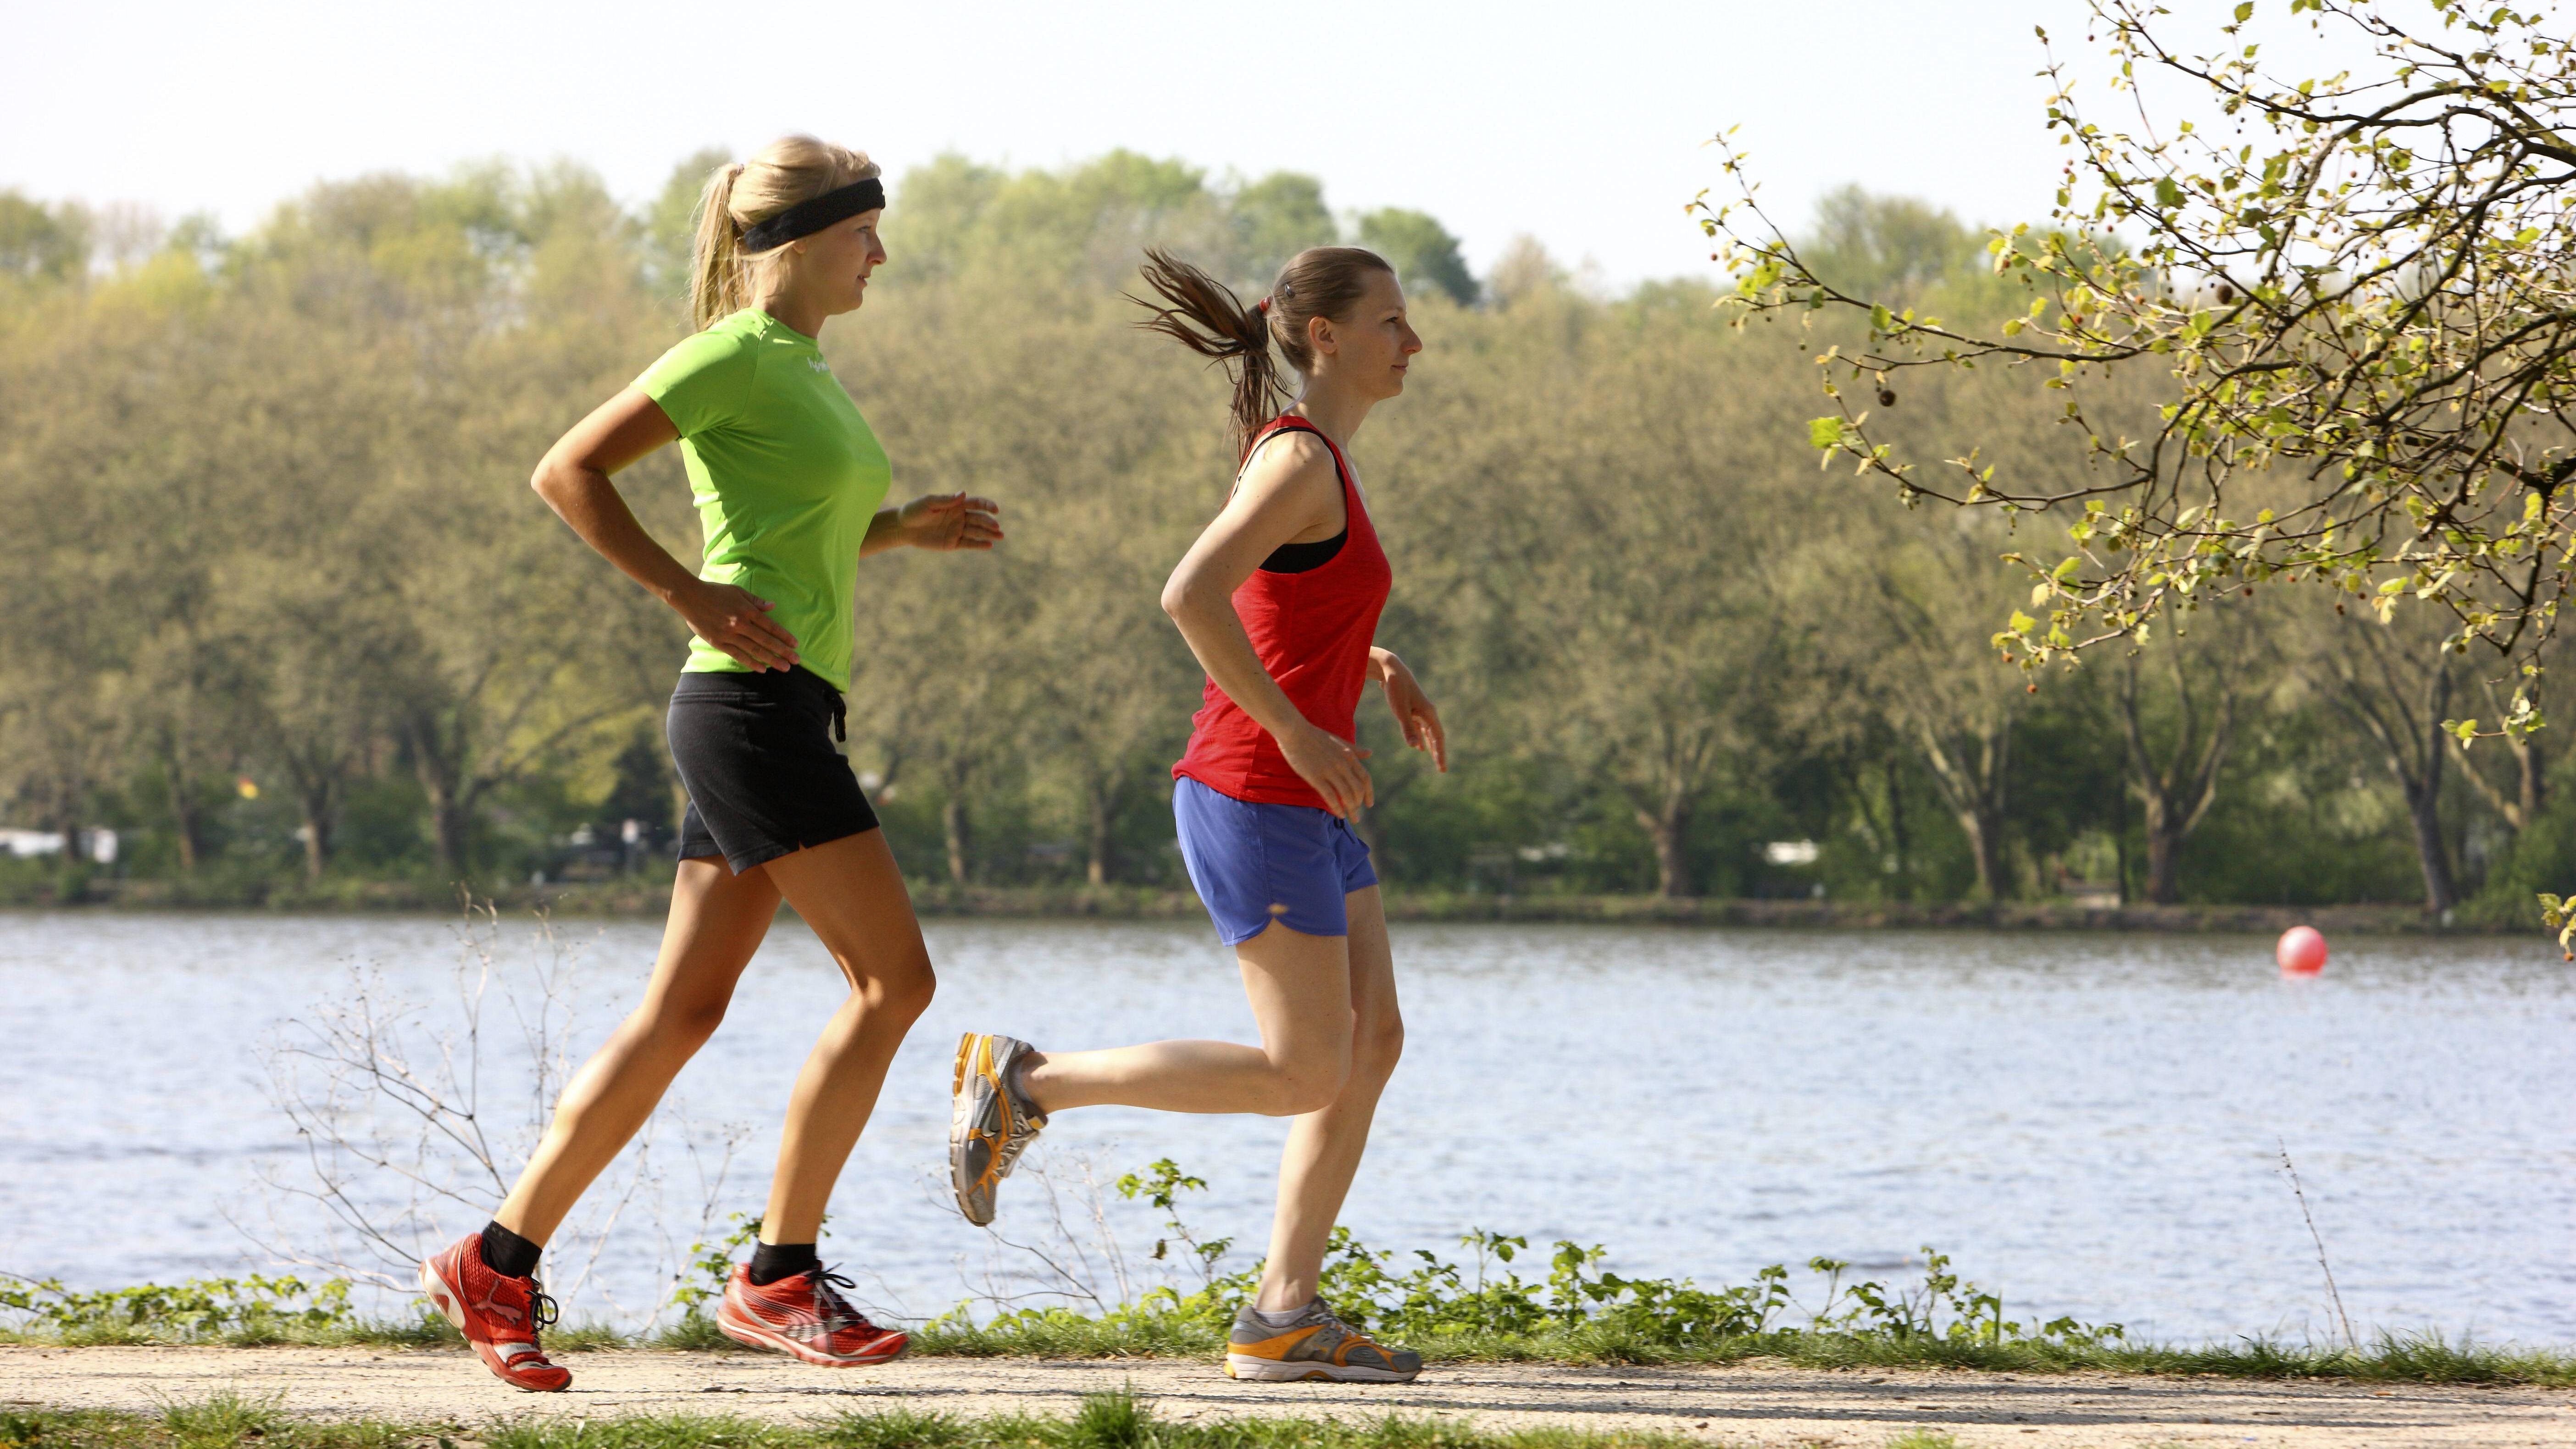 Süchtig nach Sport: Sportsucht erkennen und behandeln